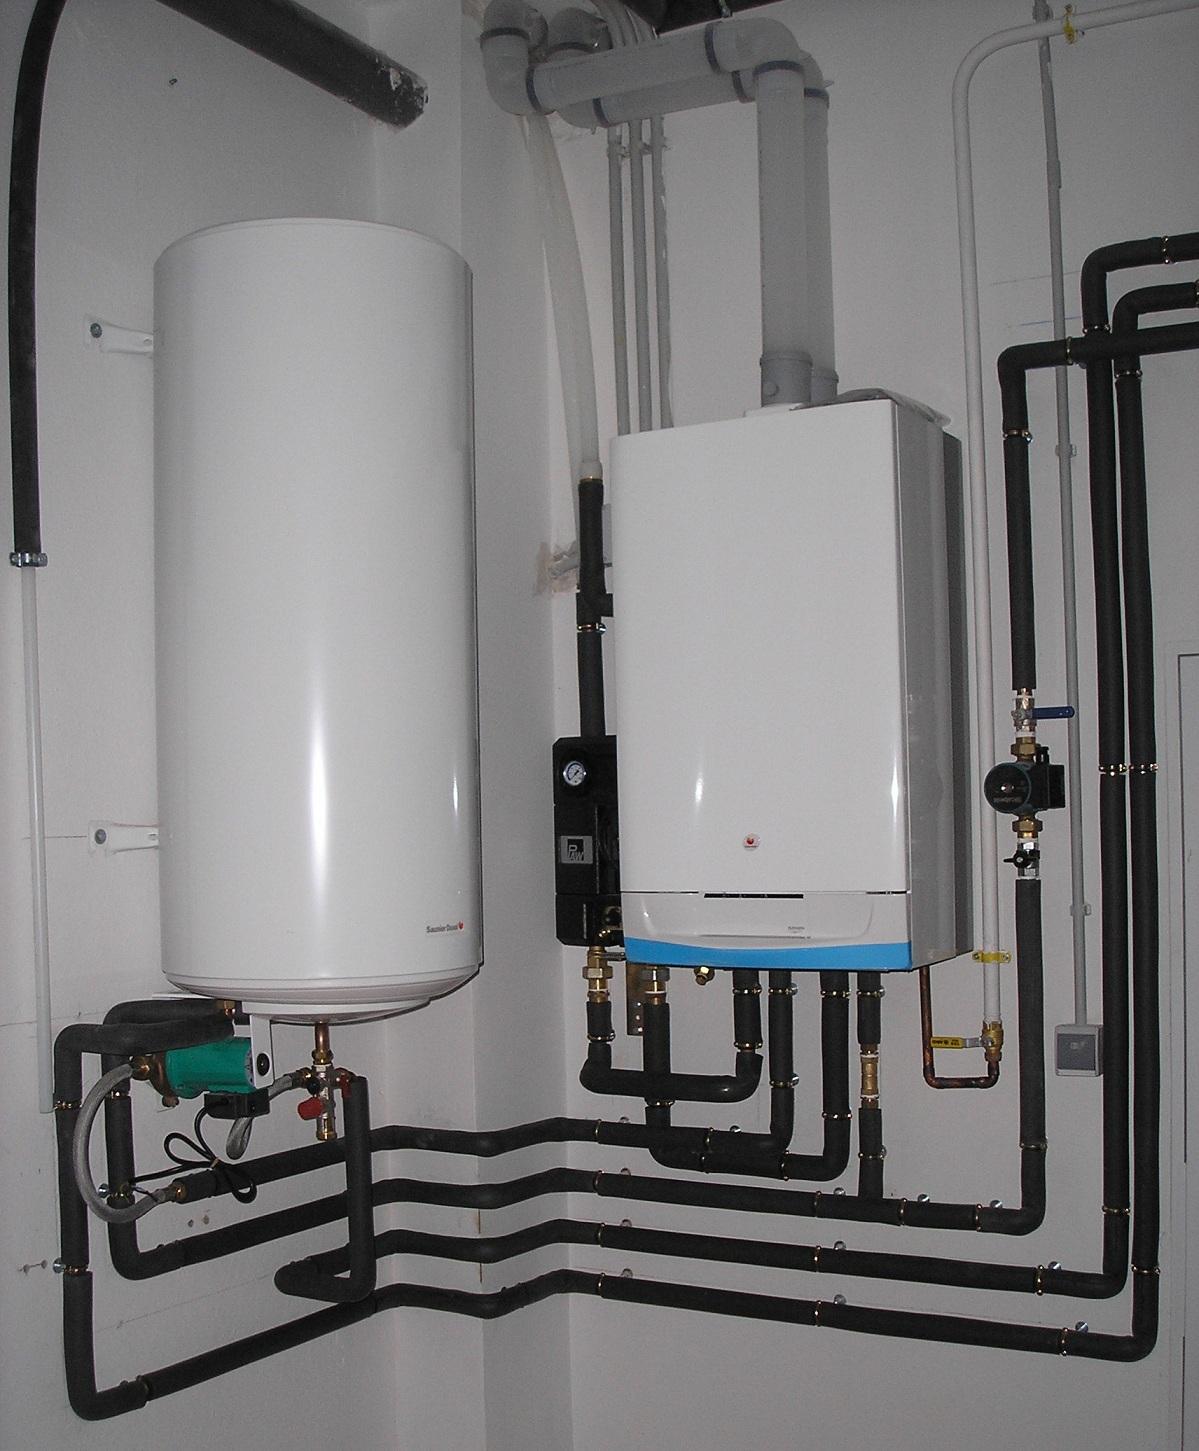 Instalatii termice amenajari interioare in bucuresti - Calefaccion central electrica ...